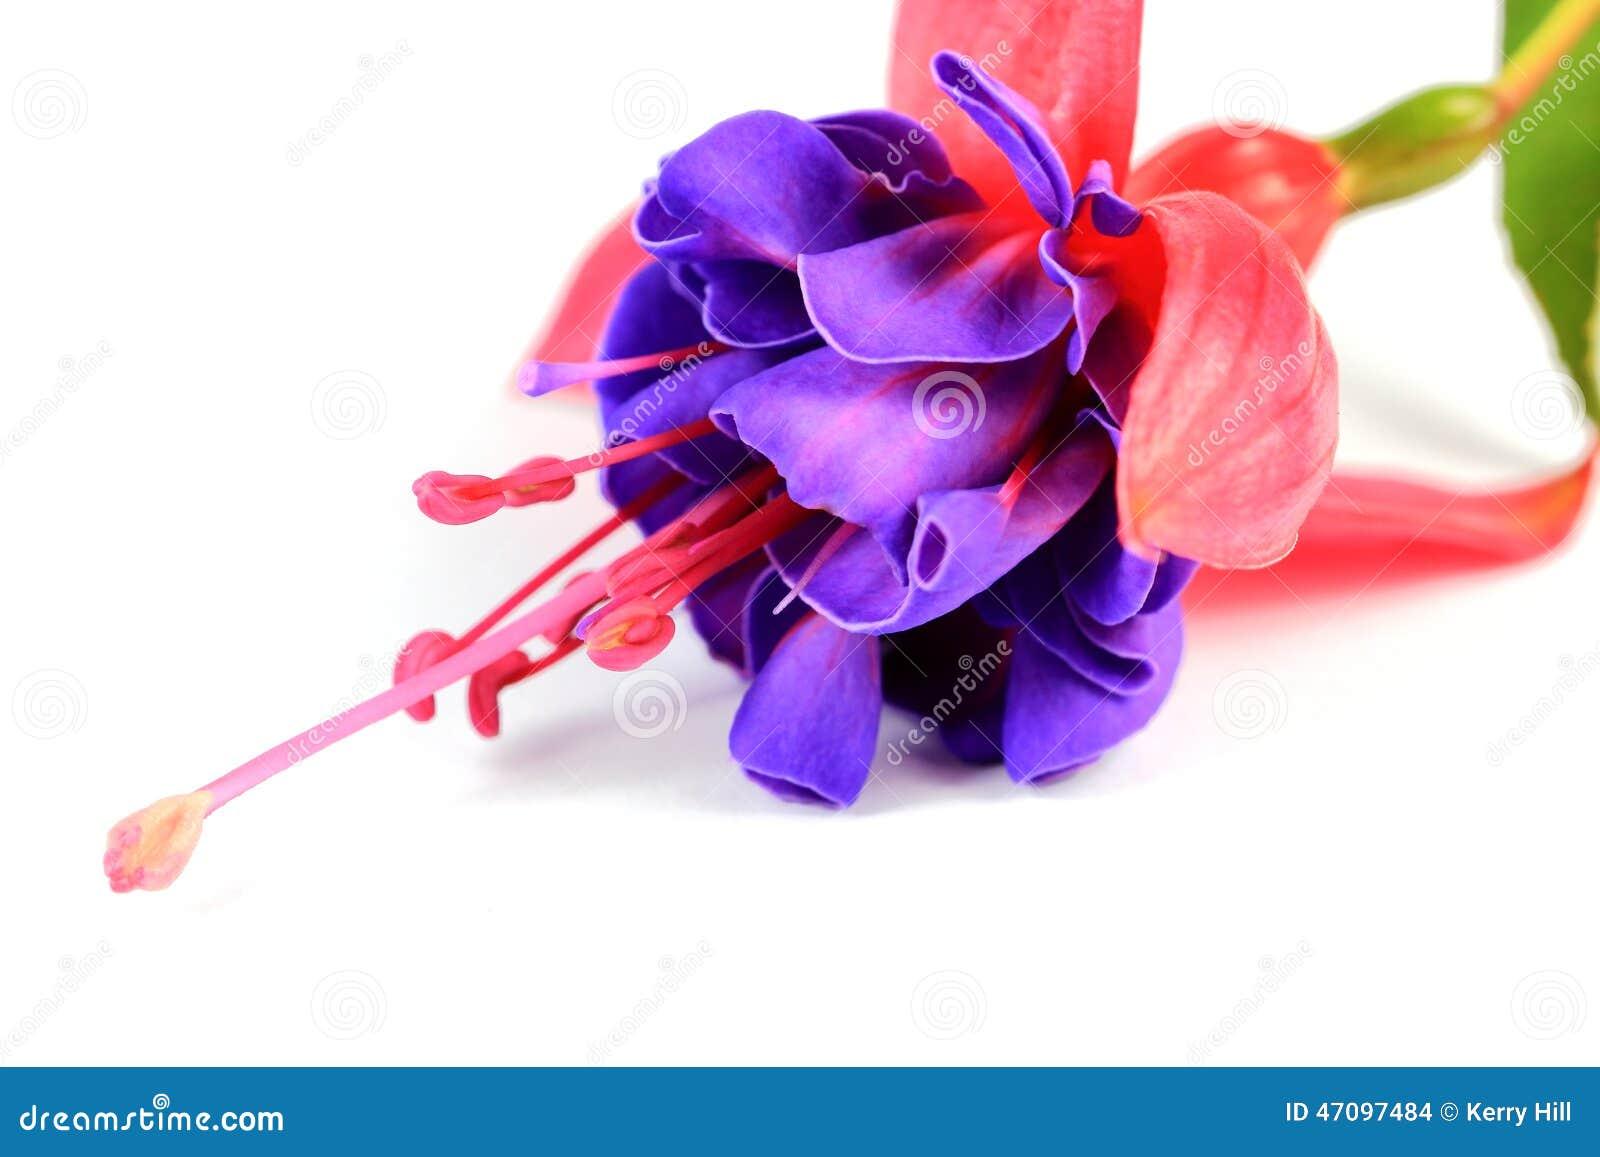 fleur rose et pourpre de fushia photo stock - image: 47097484